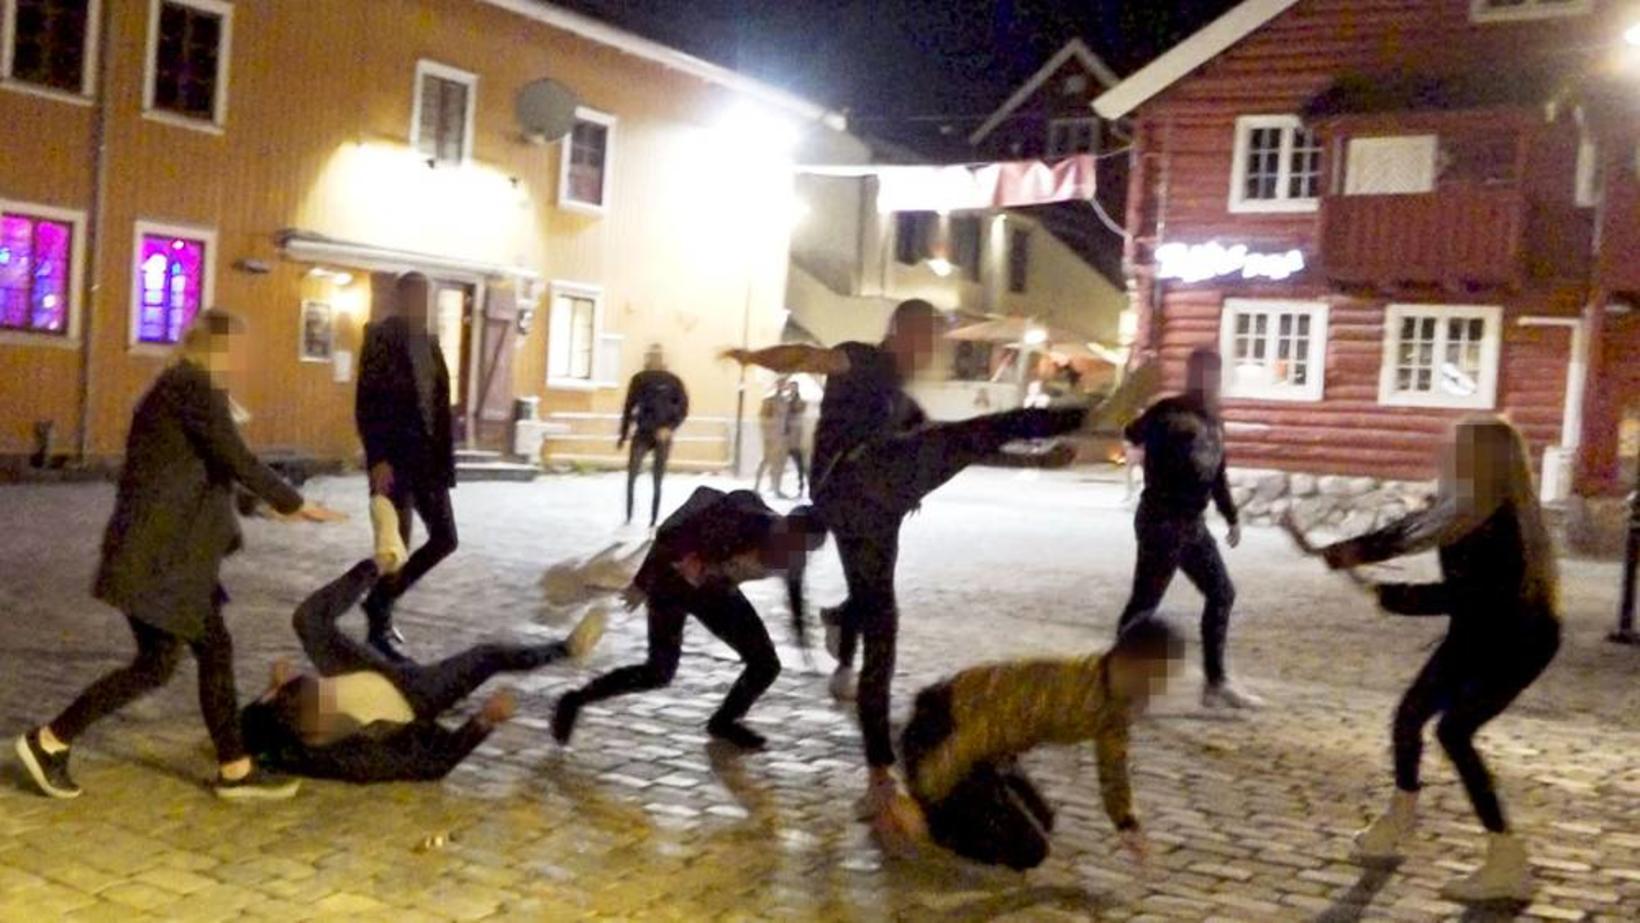 Stilla úr myndskeiði sem vegfarandi sendi norska ríkisútvarpinu NRK af …